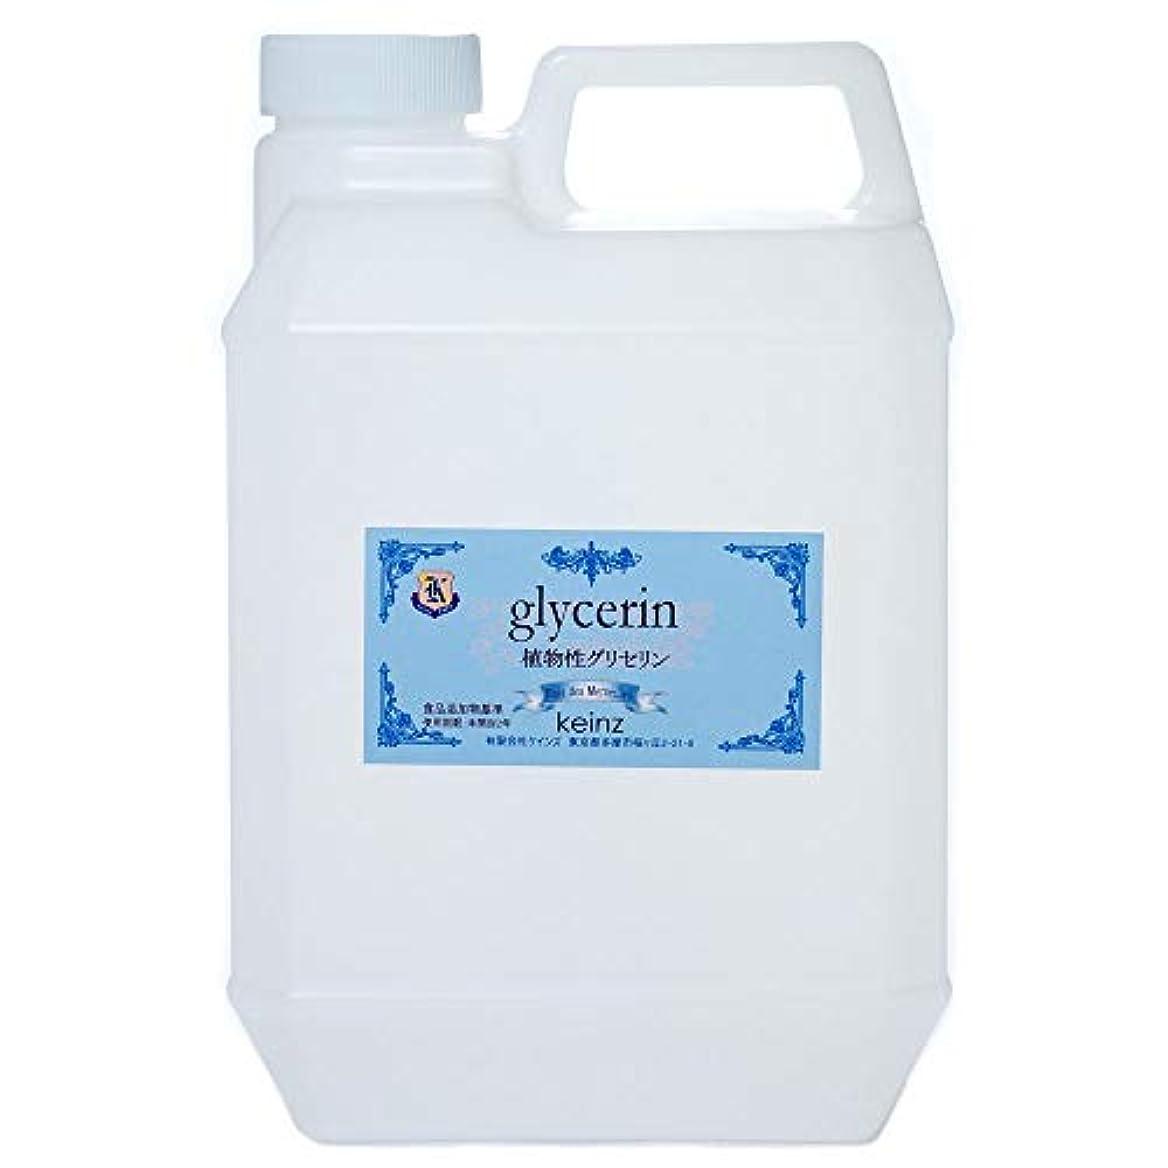 実際の道洗剤keinz 品質の良いグリセリン 植物性 2700g(2500g+増量200g) 純度99.9~100% 化粧品材料 keinz正規品 食品添加物基準につき化粧品グレードより純度が高い。日本製